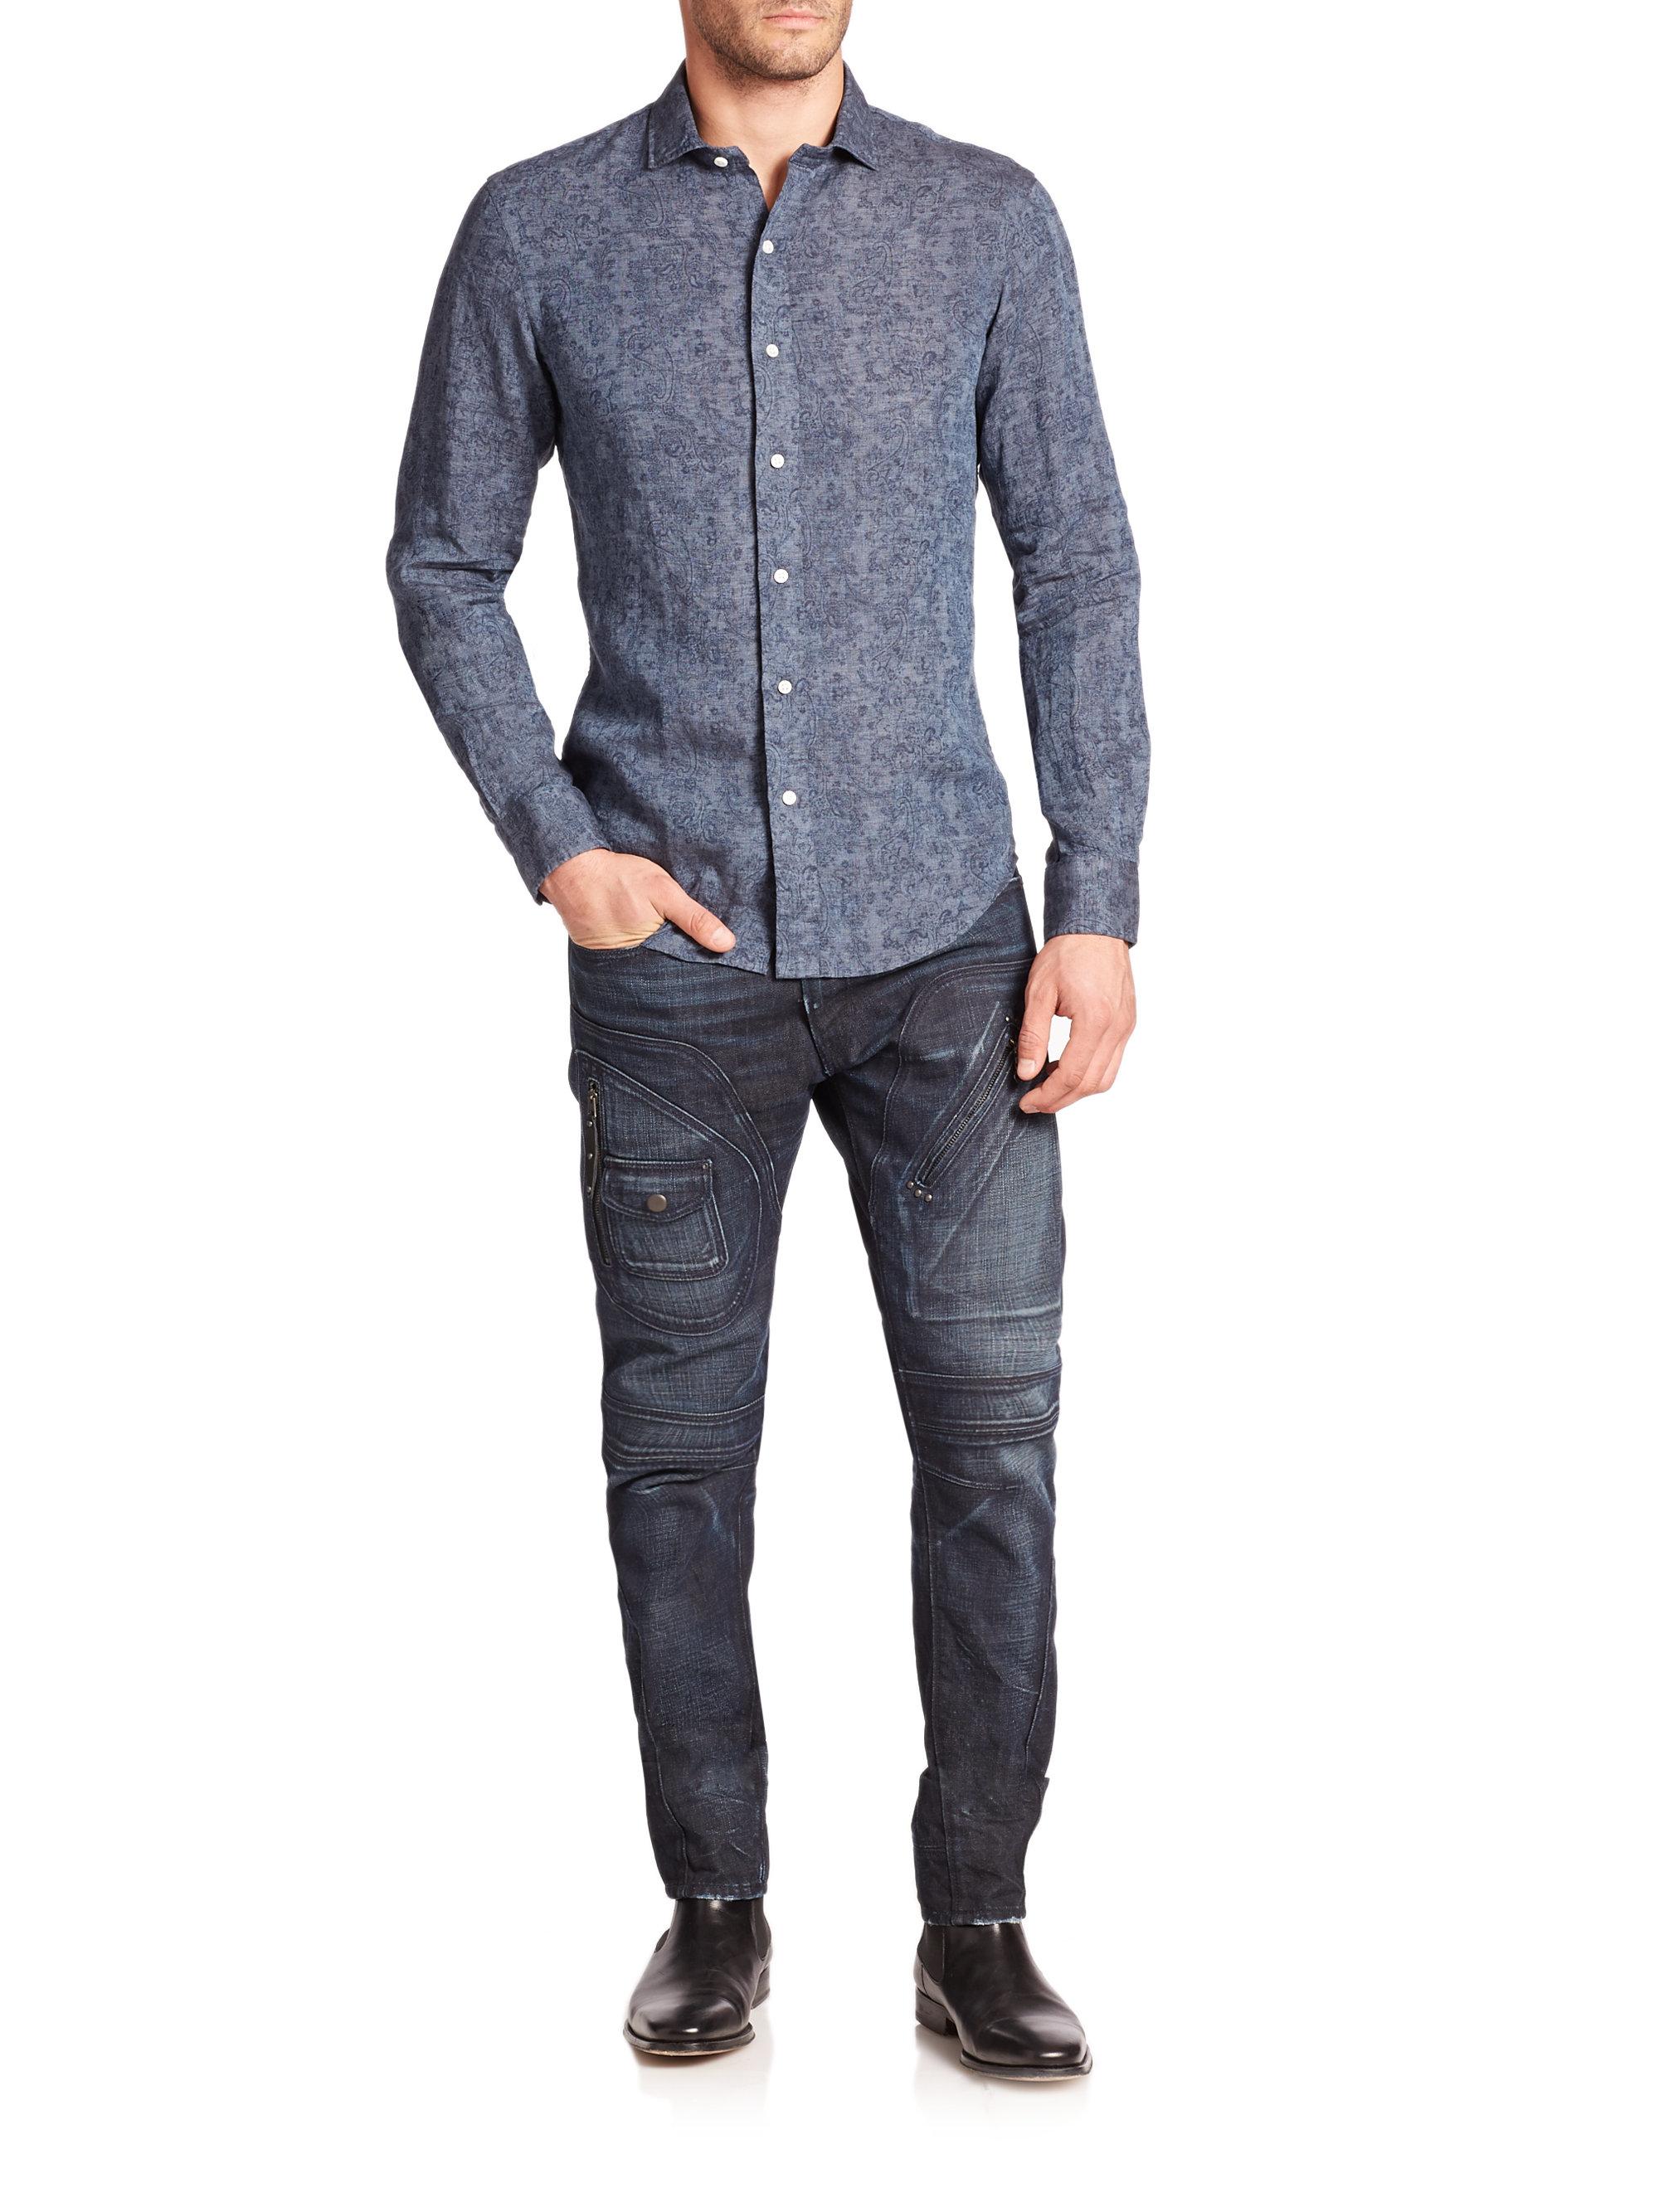 063420c63 ... australia lyst polo ralph lauren slim fit paisley linen estate  sportshirt in a9d14 10d58